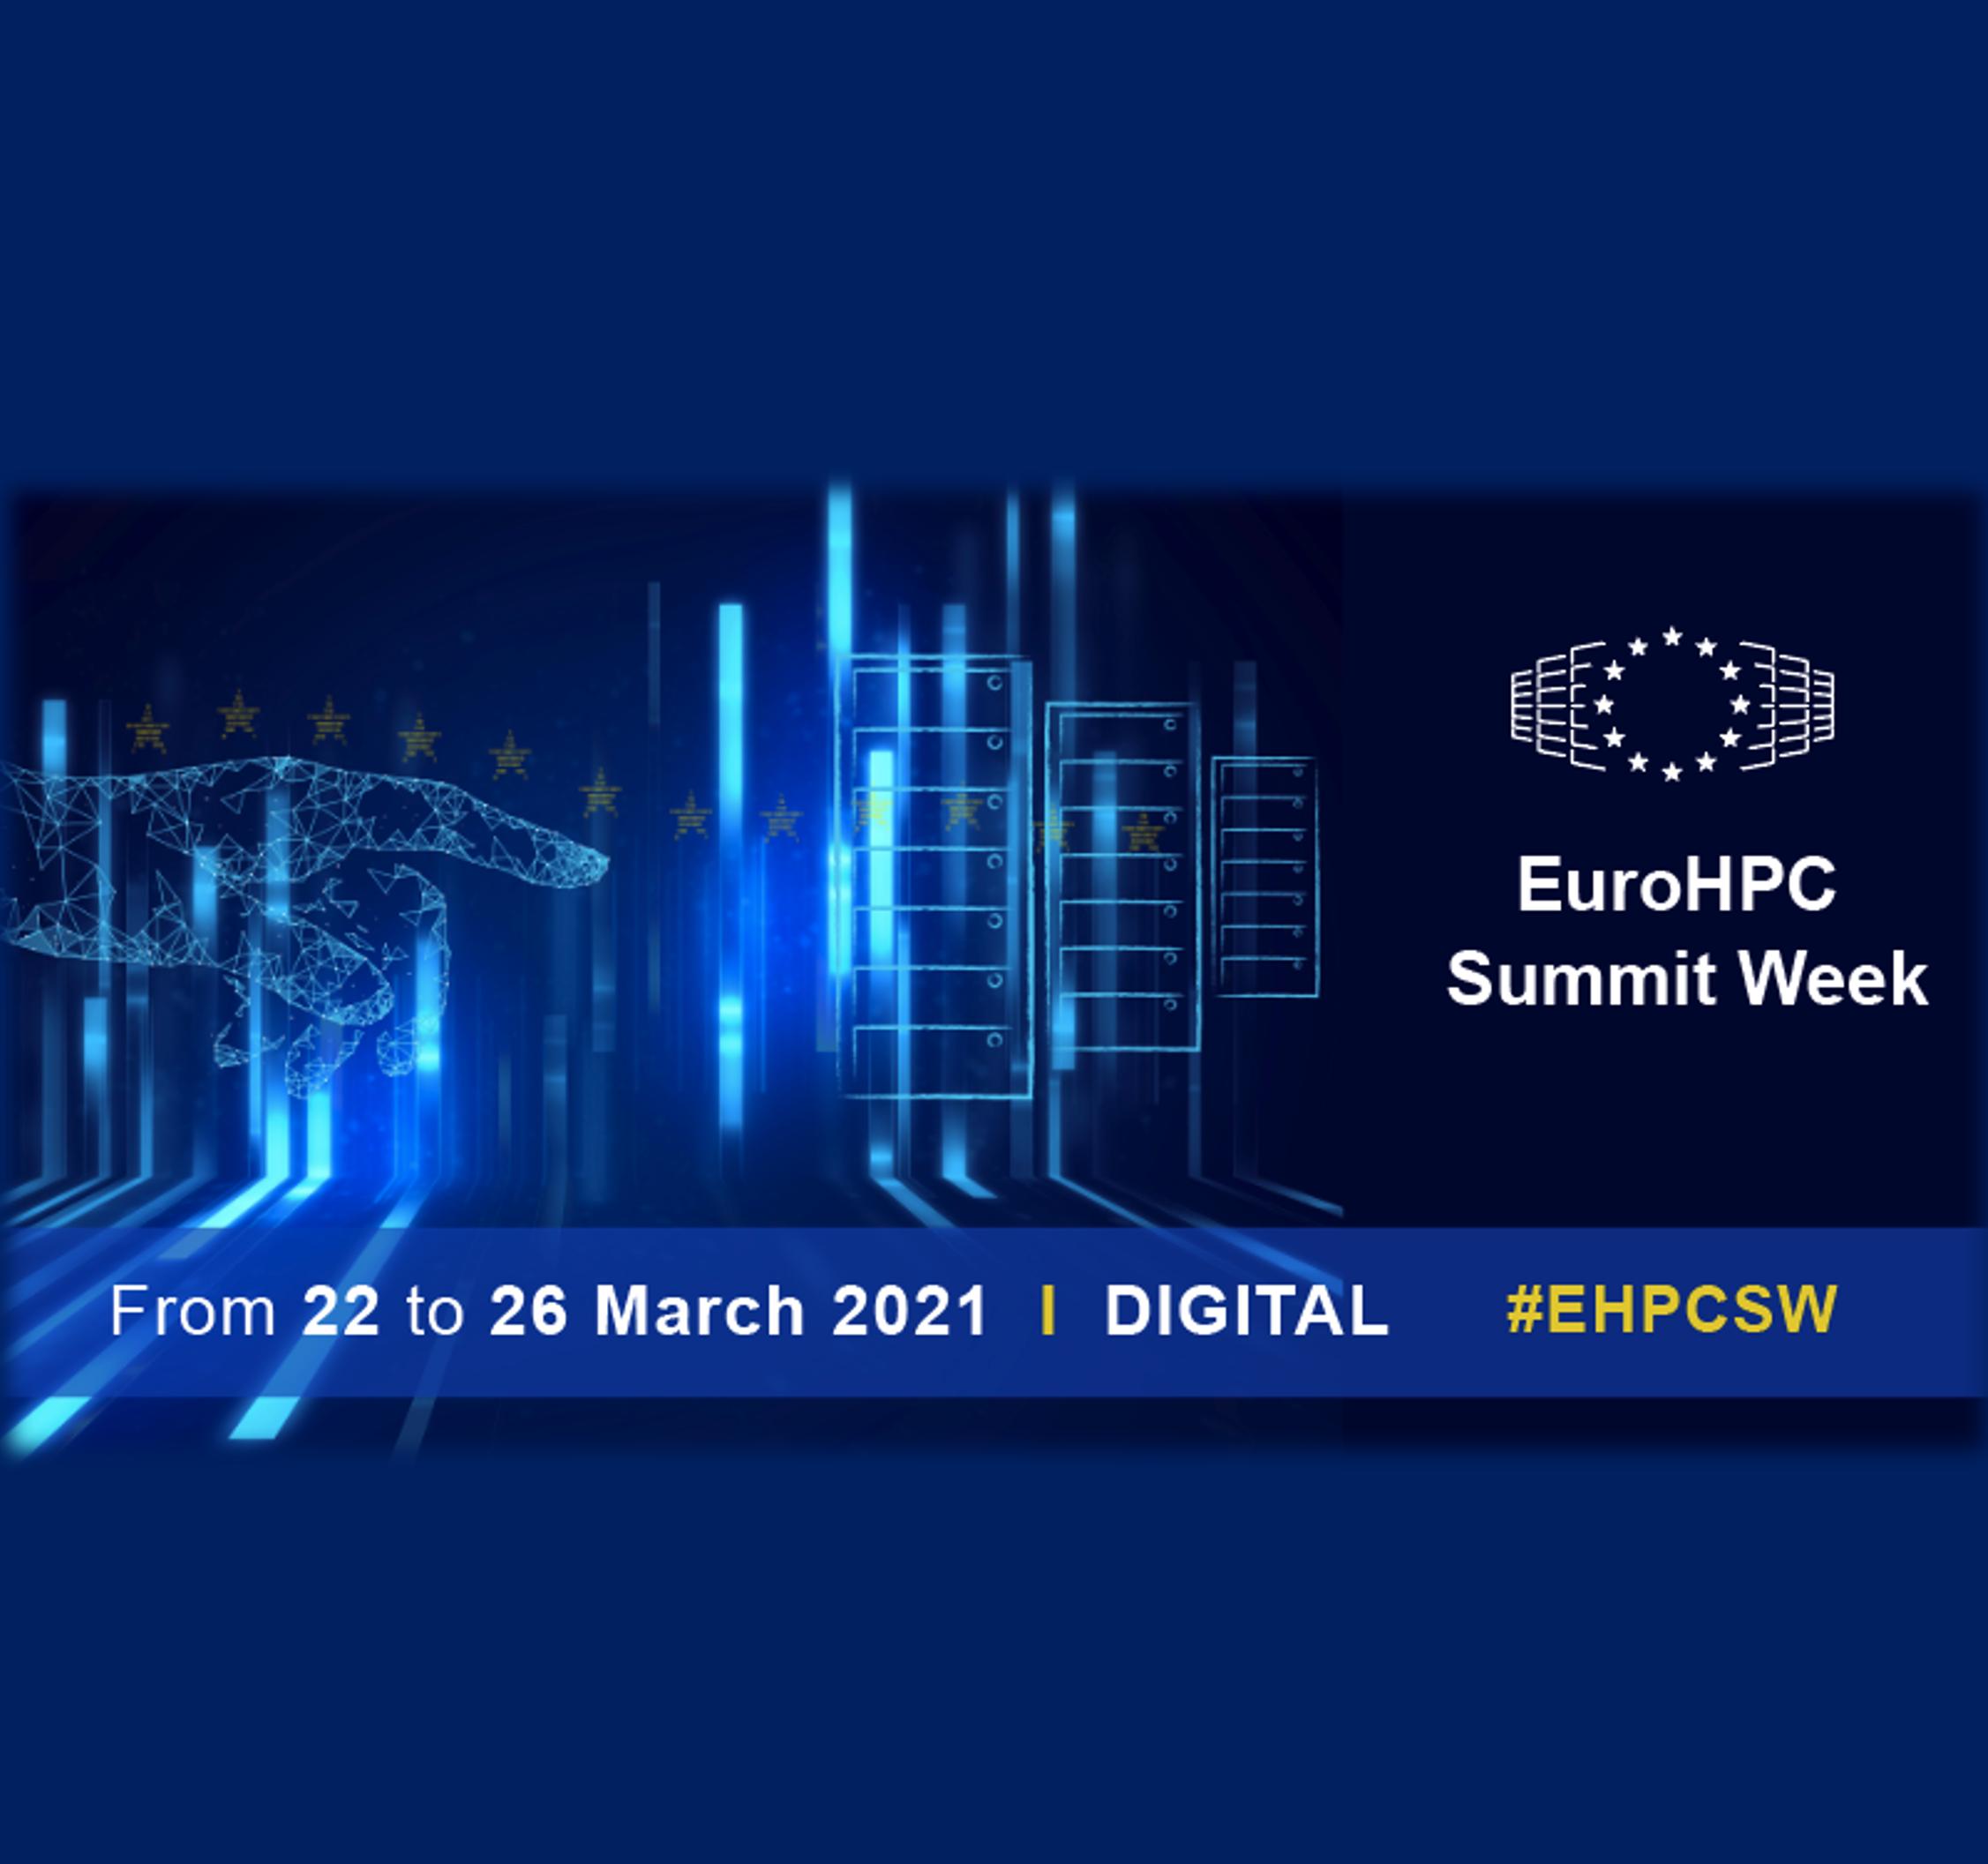 EuroHPC Summit Week 2021 Morris Riedel